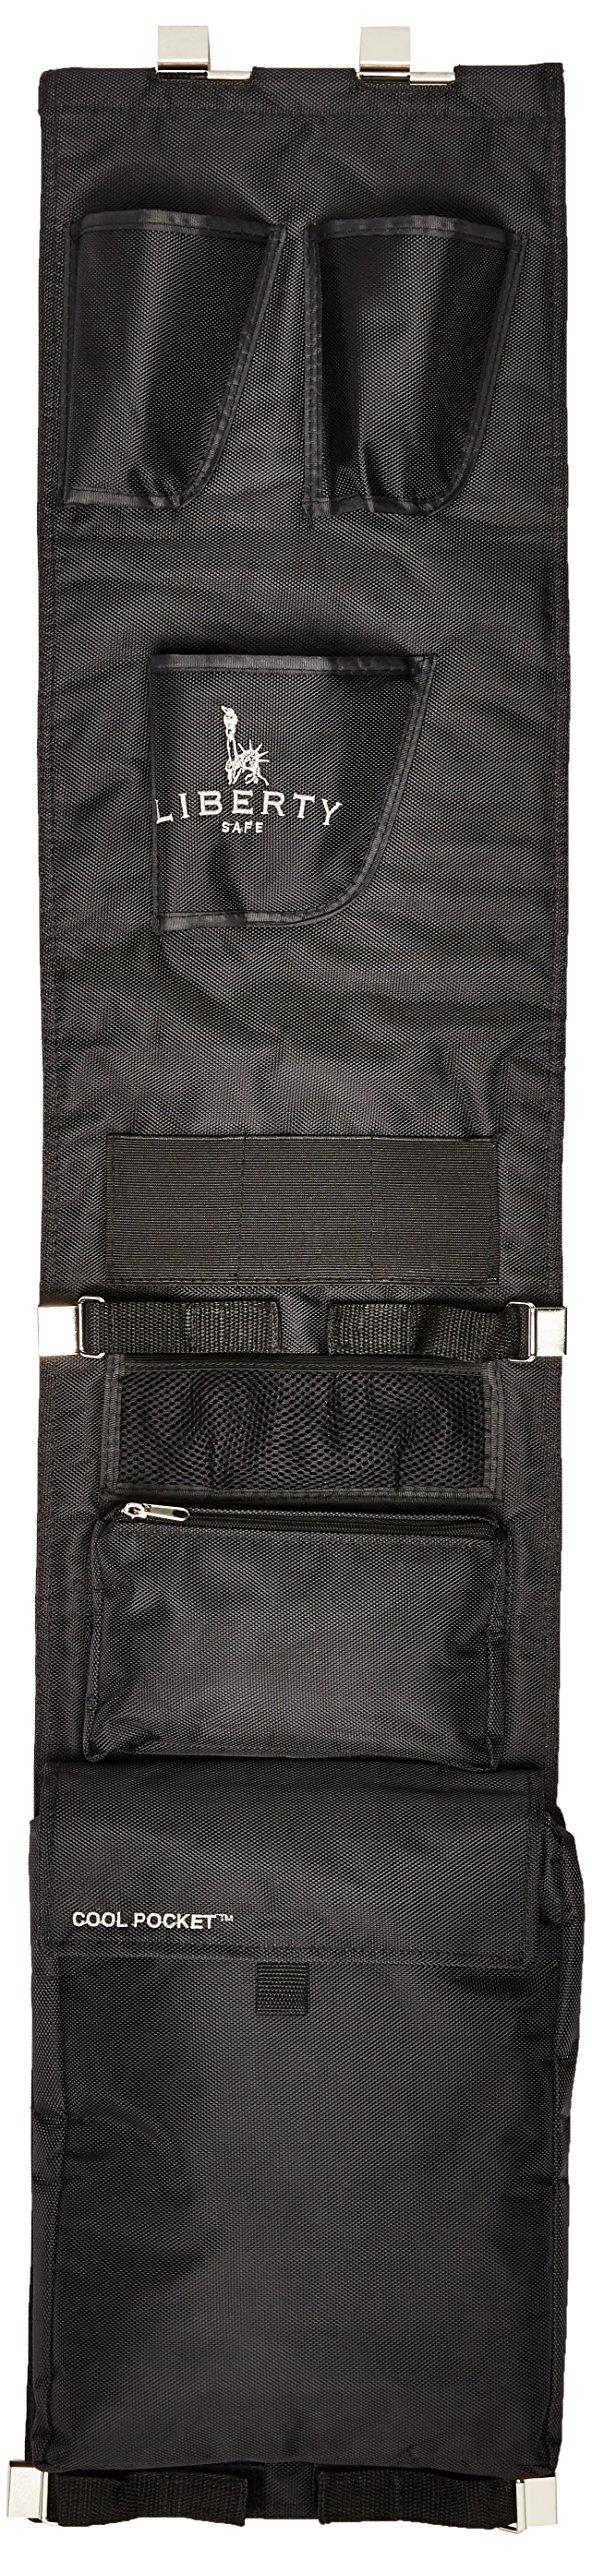 Liberty Gun Safe Door Panel Organizer 10583 Size 12 (10.25'' x 48.5'')